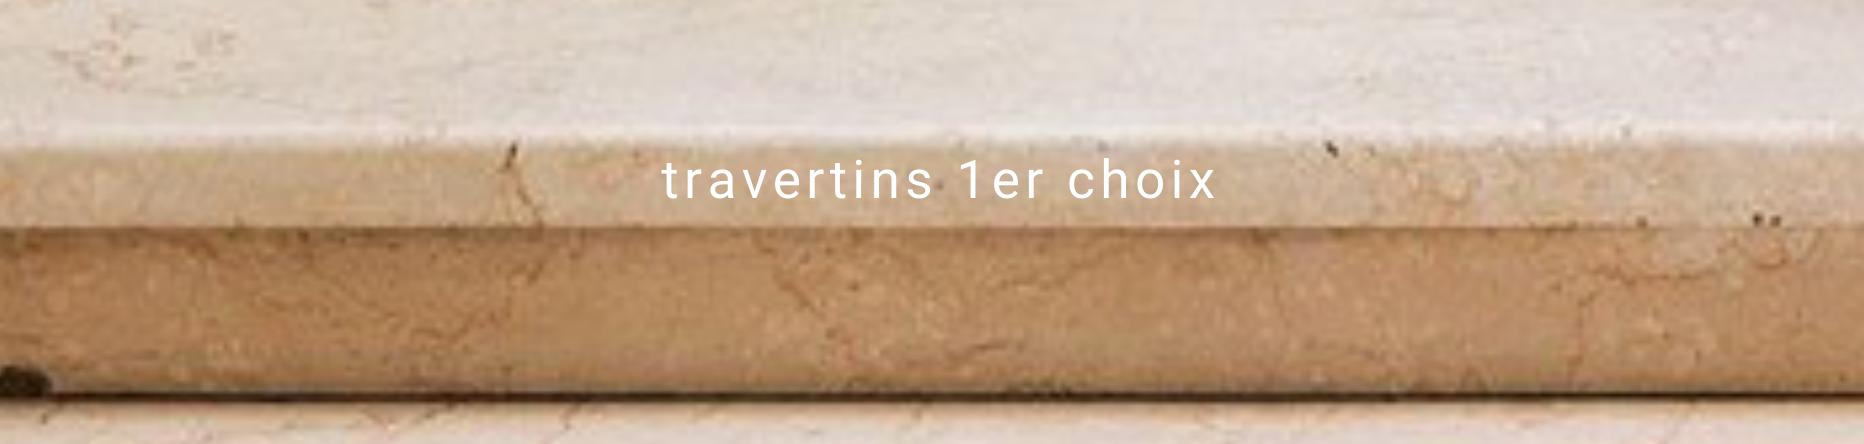 travertins apex pierre